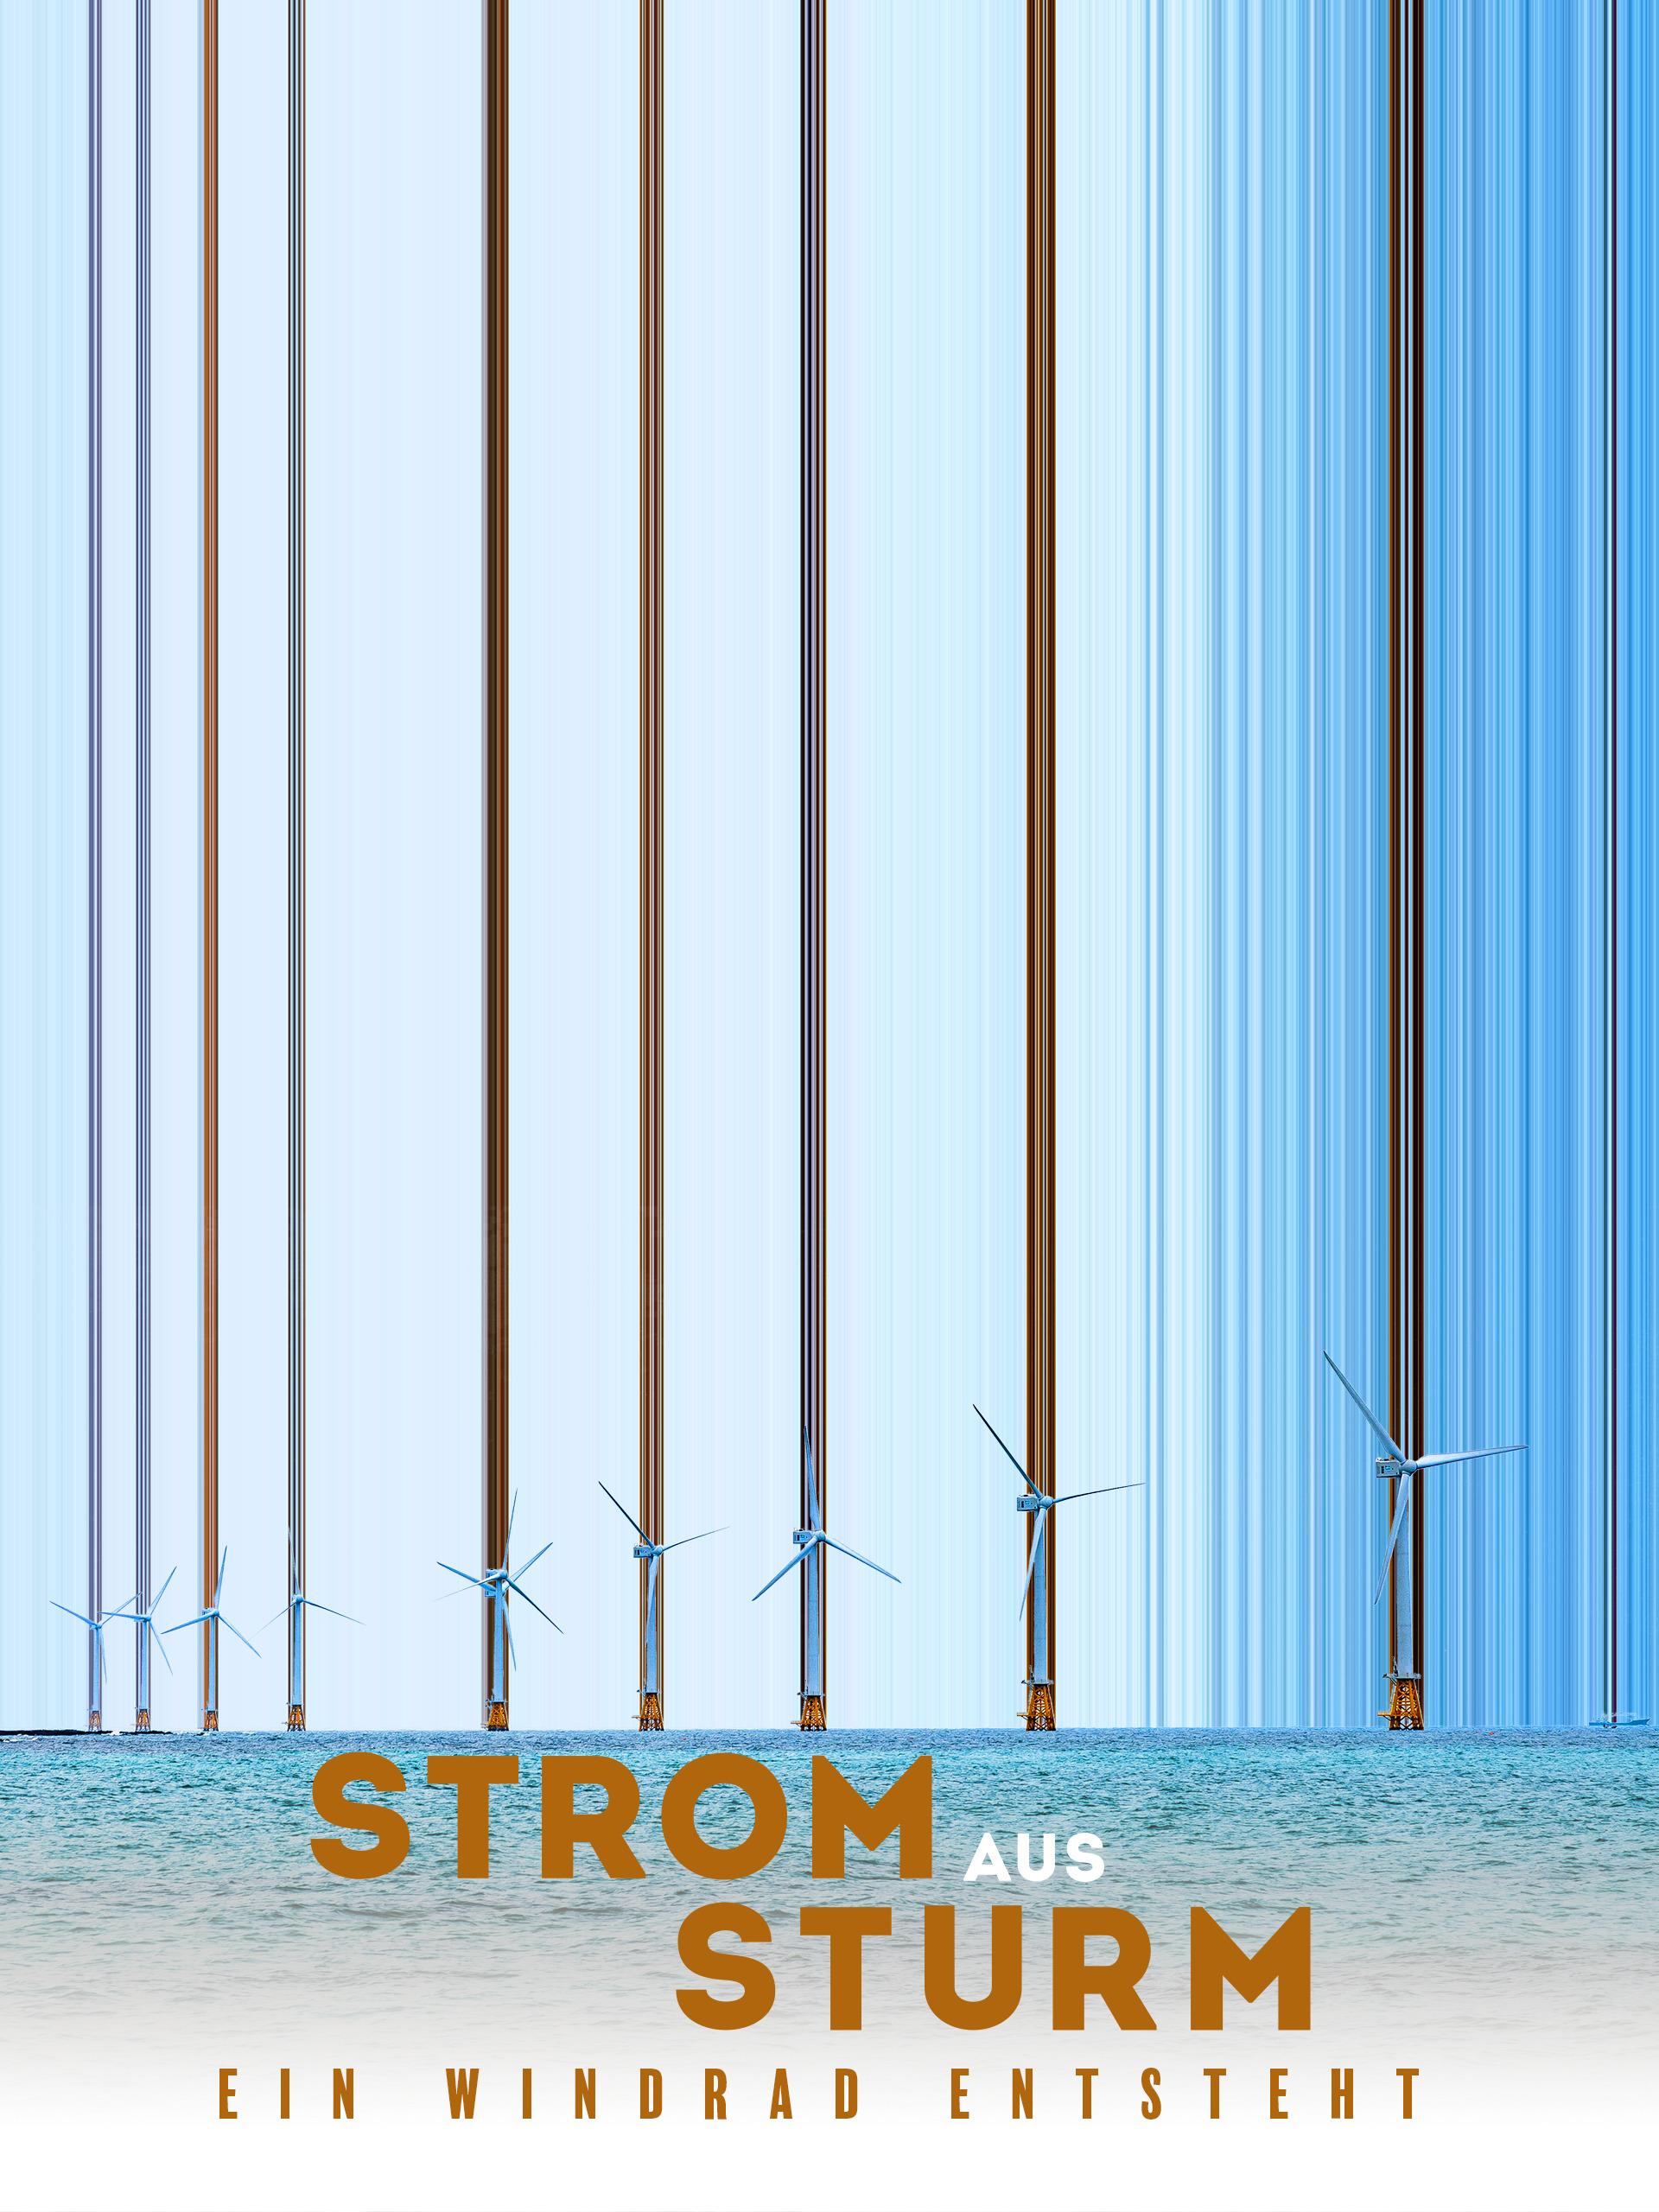 Strom aus Sturm - Ein Windrad entsteht